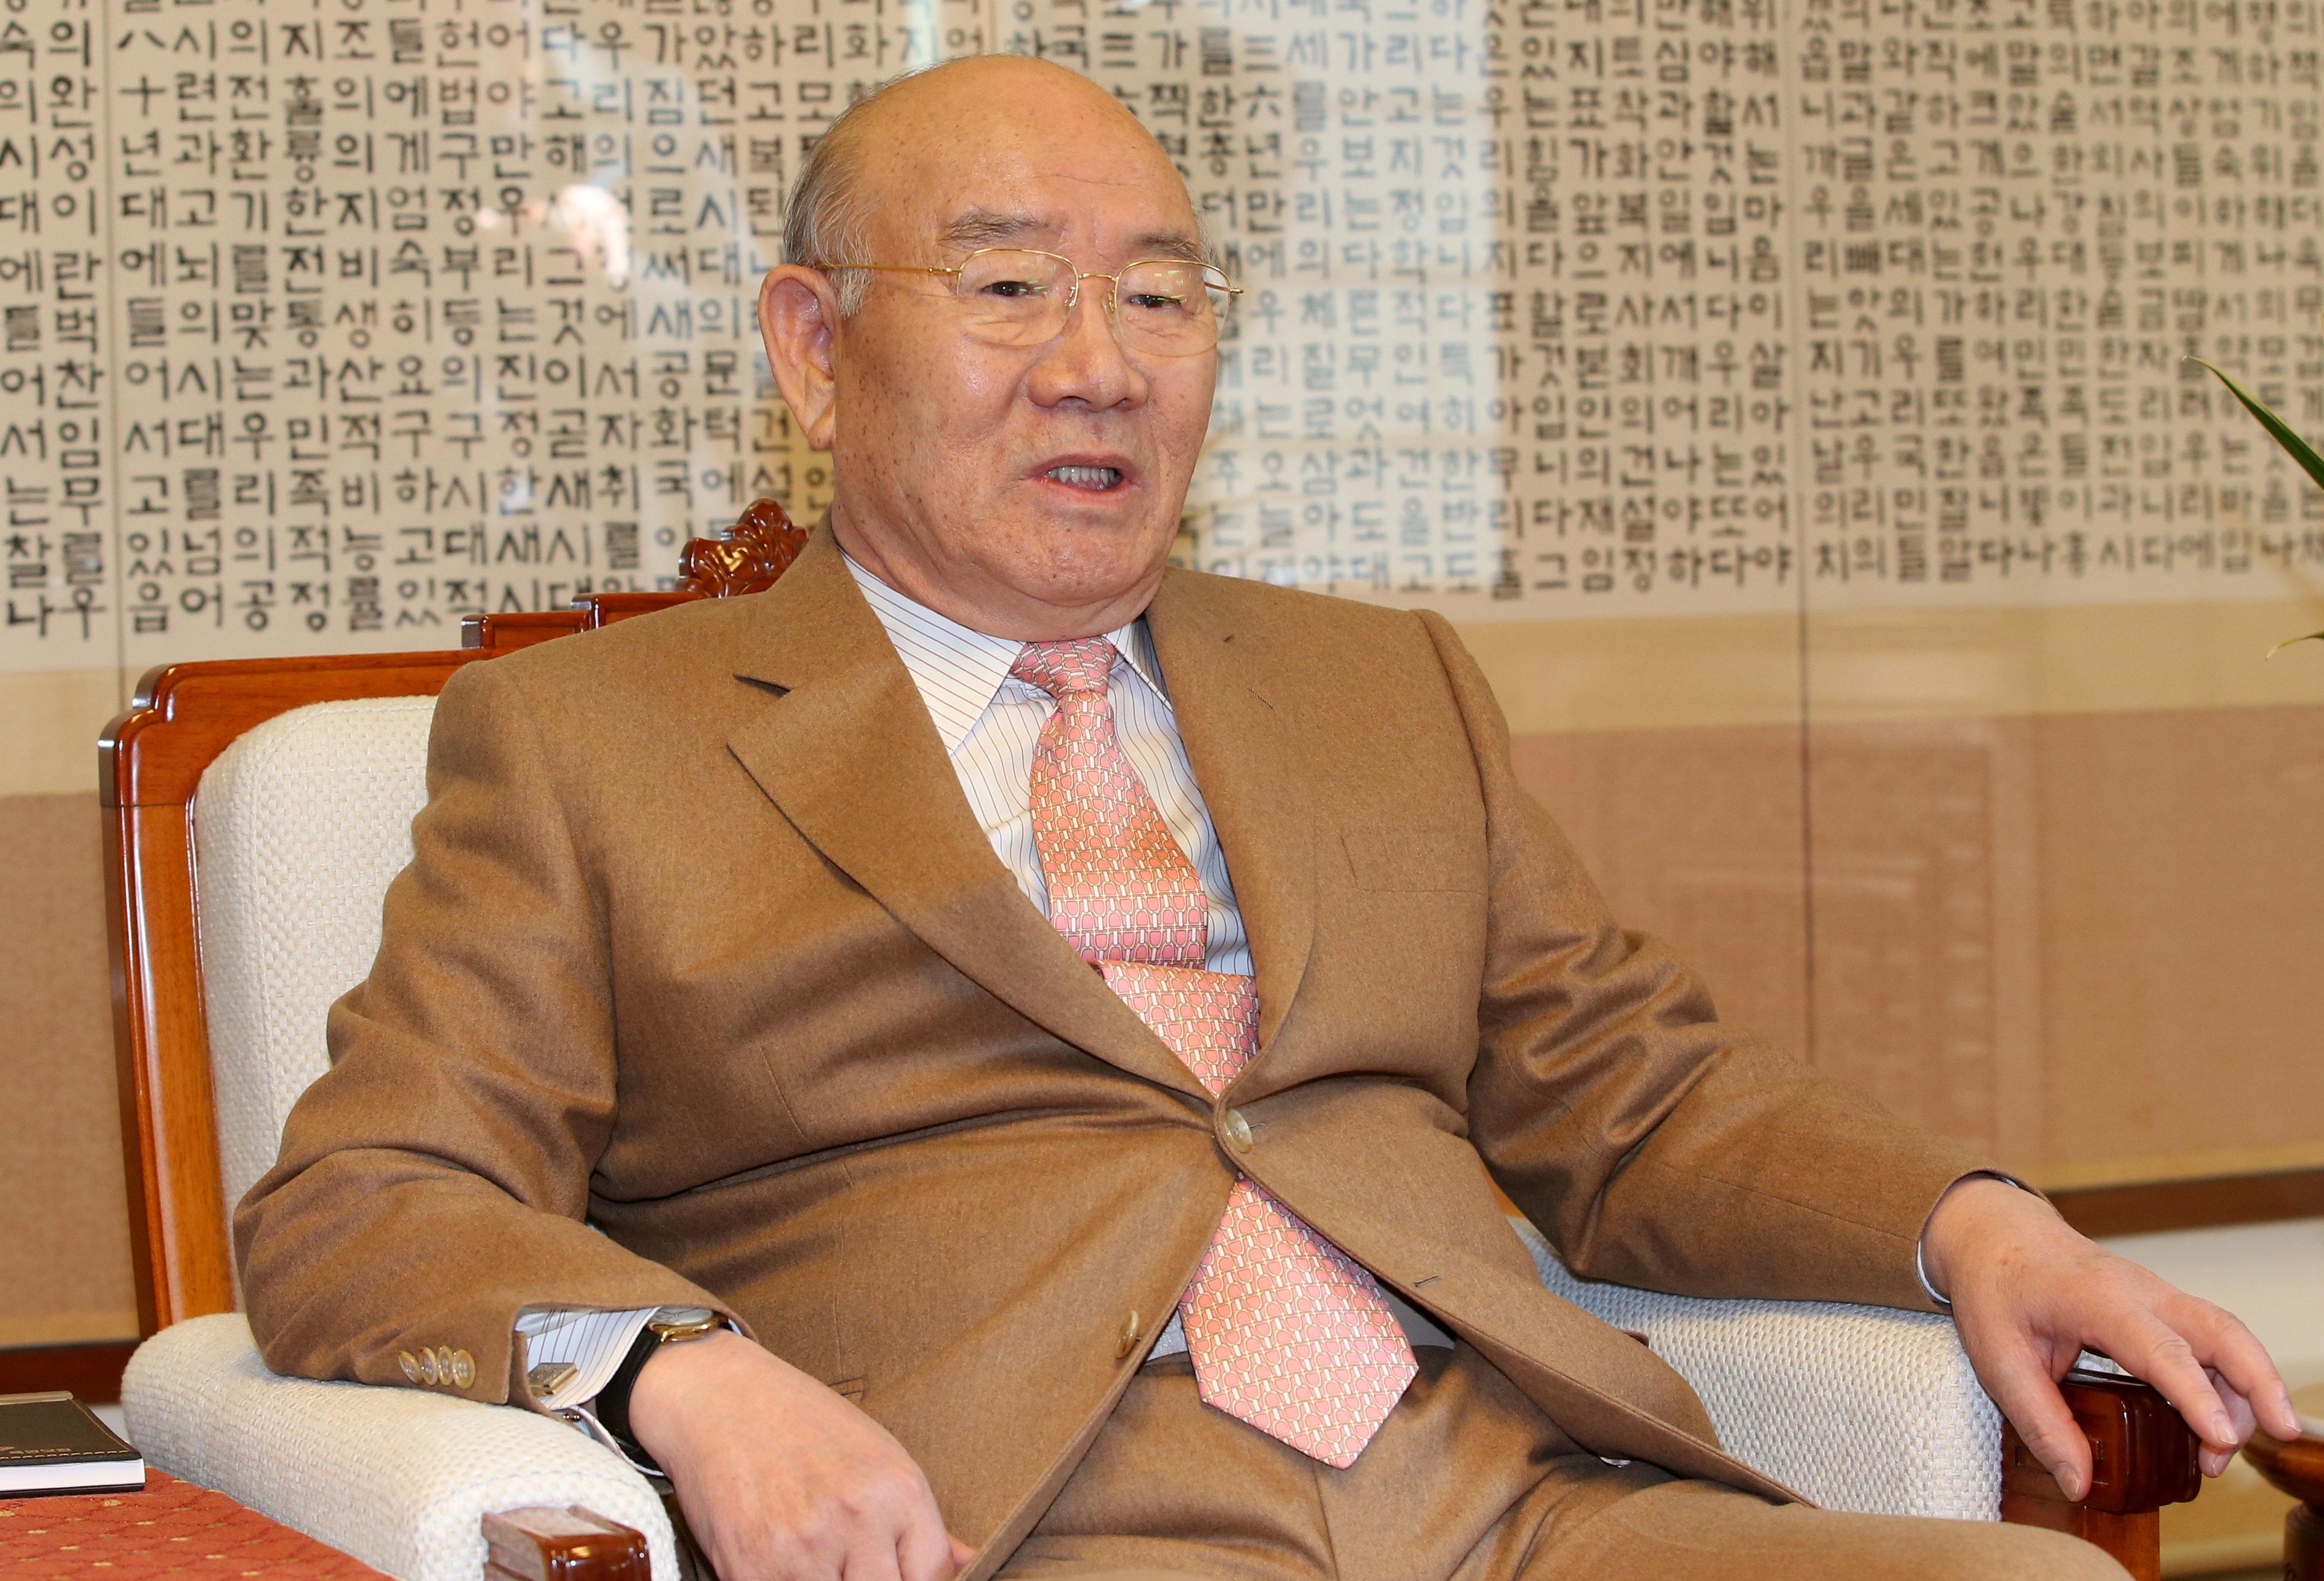 전두환 전 대통령 측이 밝힌 '광주 재판 불출석